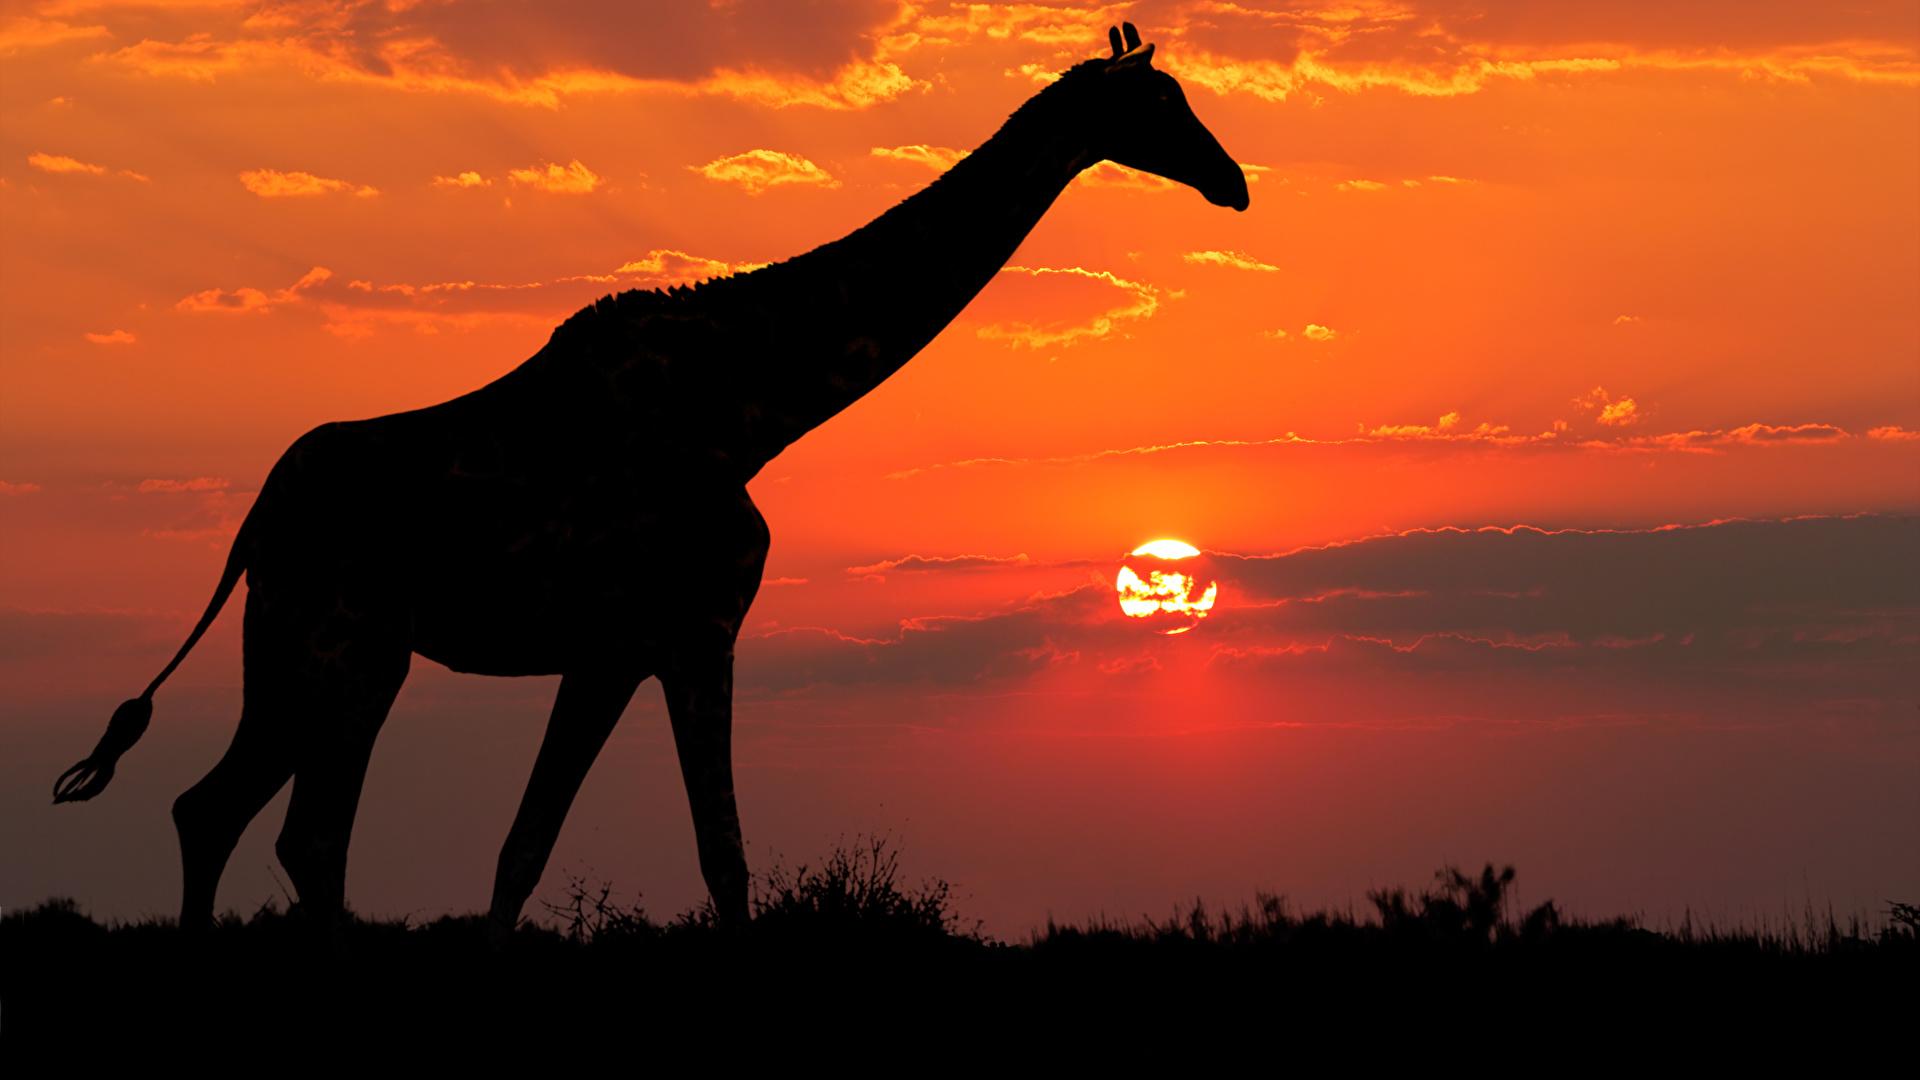 Картинка жираф Силуэт рассвет и закат Животные 1920x1080 Жирафы силуэты силуэта Рассветы и закаты животное